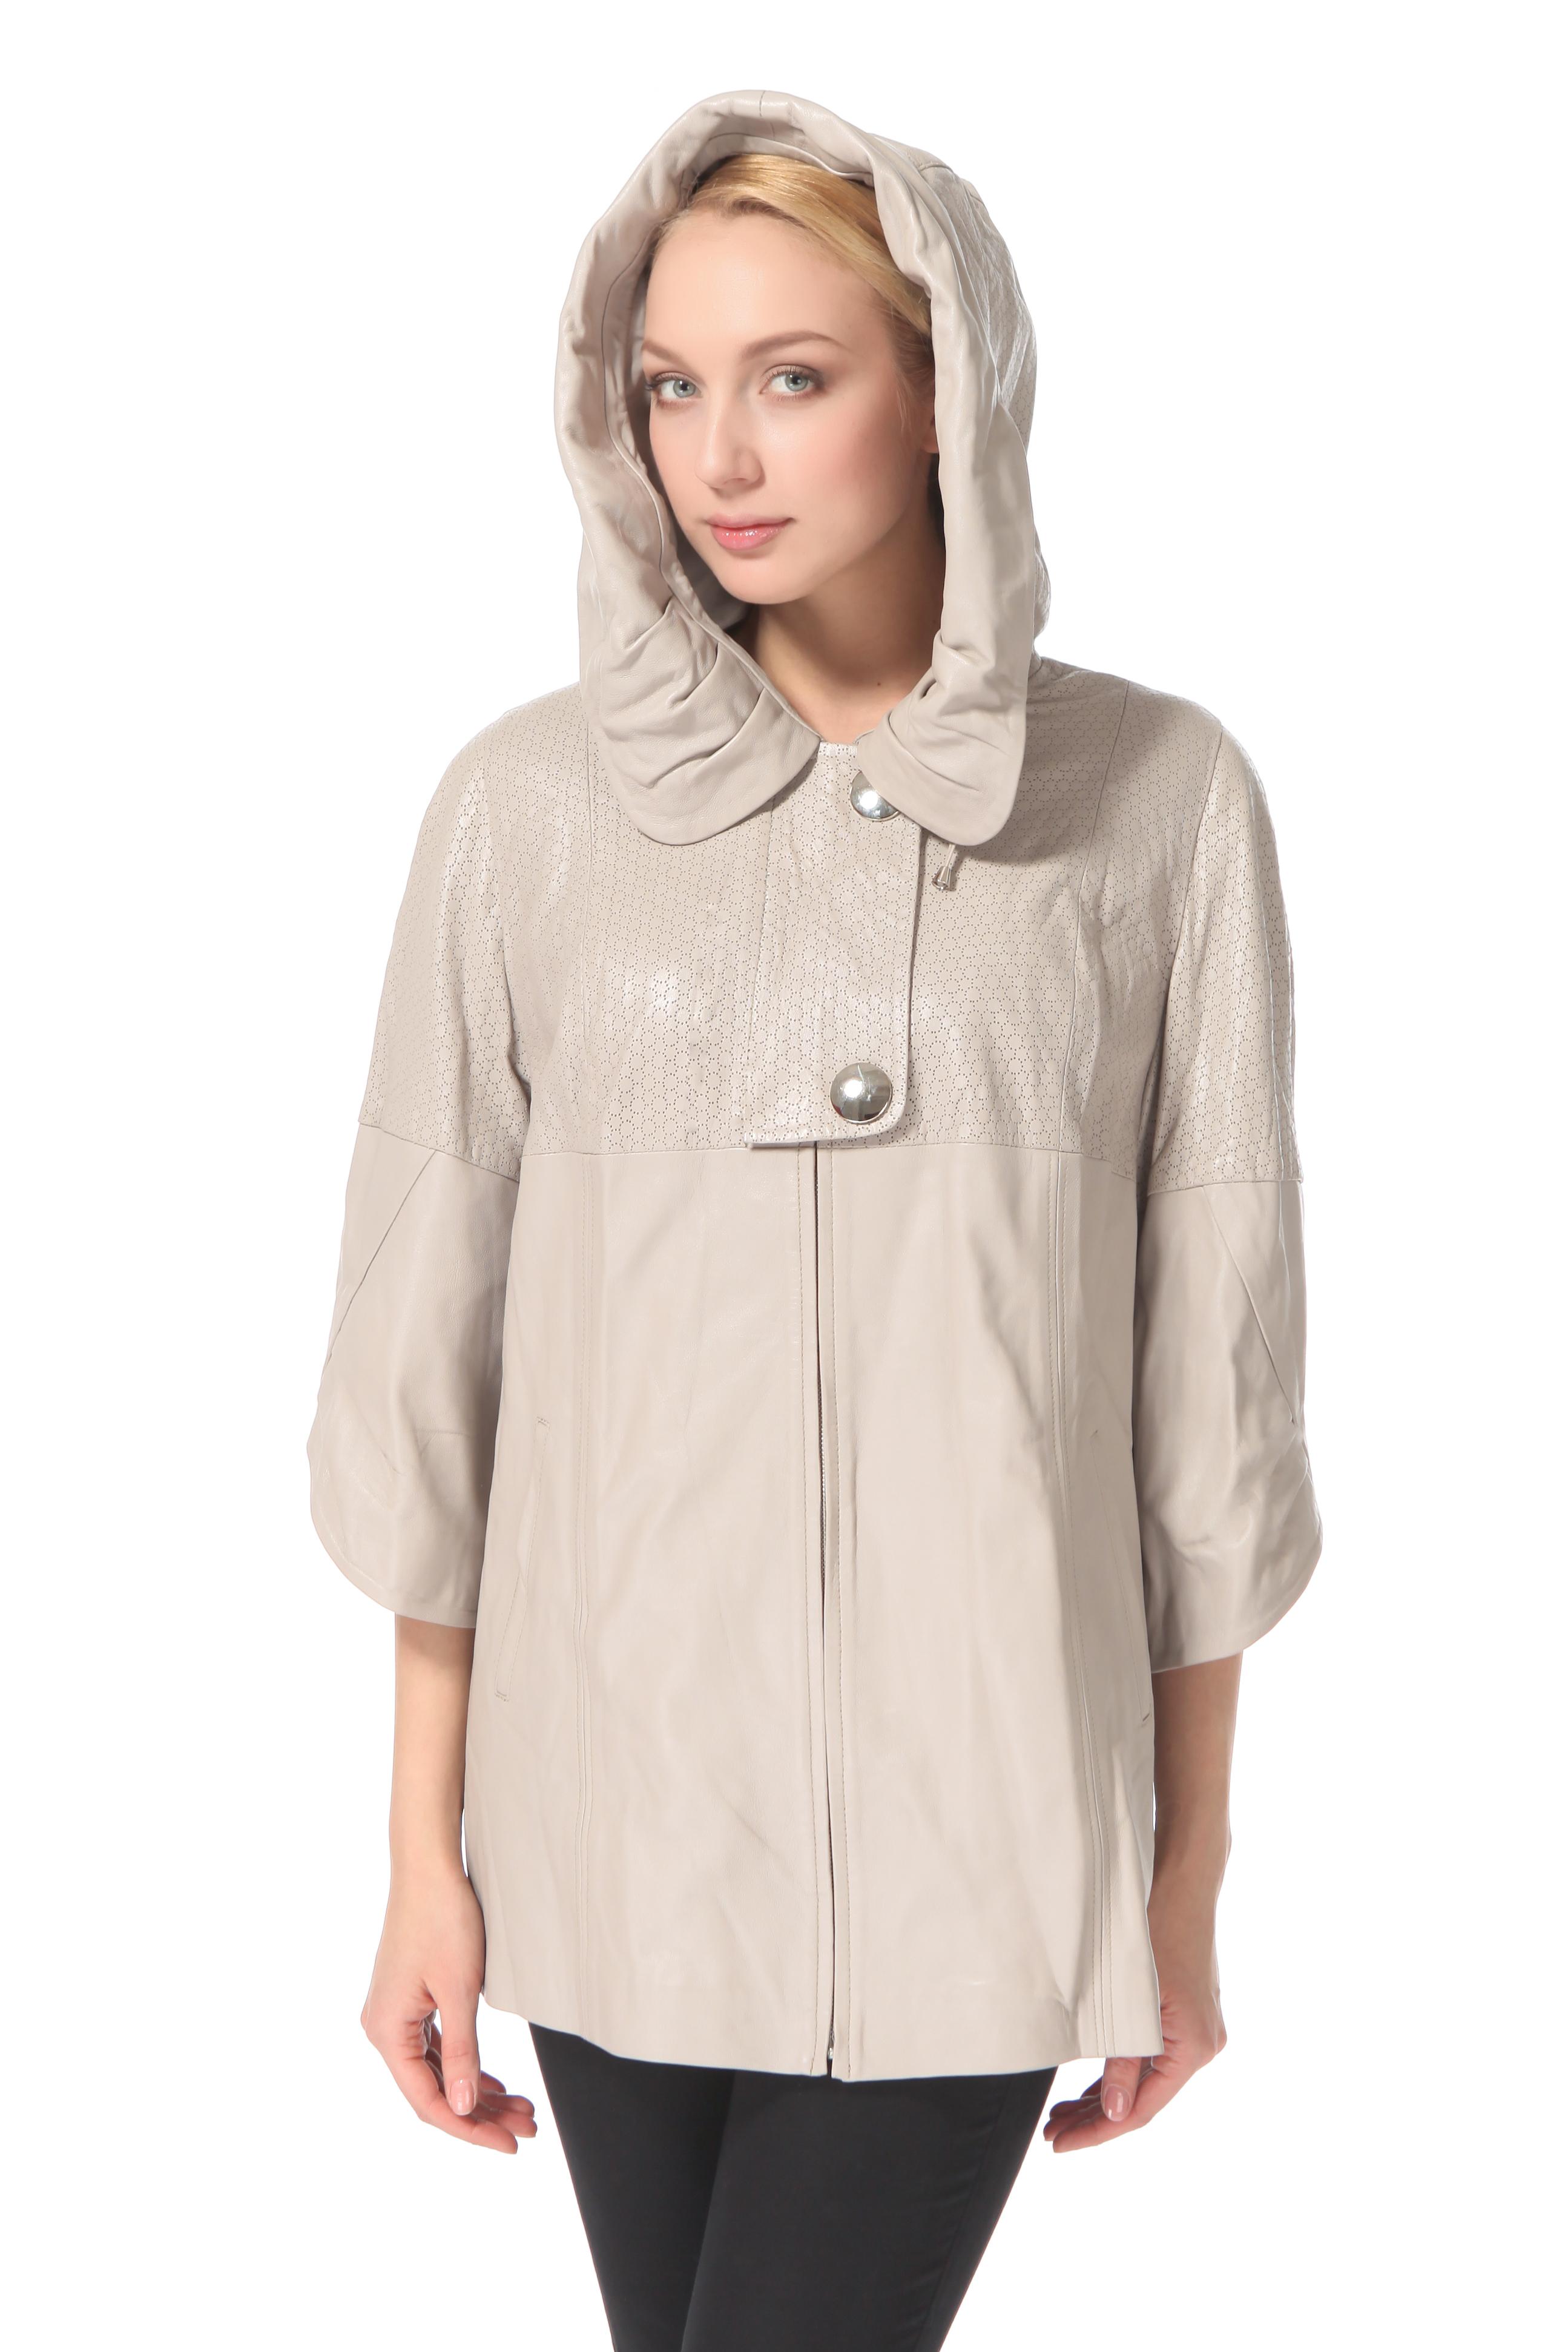 Женская кожаная куртка из натуральной кожи с капюшоном, без отделки<br><br>Воротник: Капюшон<br>Длина см: 75<br>Материал: Плонже/перфорация<br>Цвет: Бежевый<br>Пол: Женский